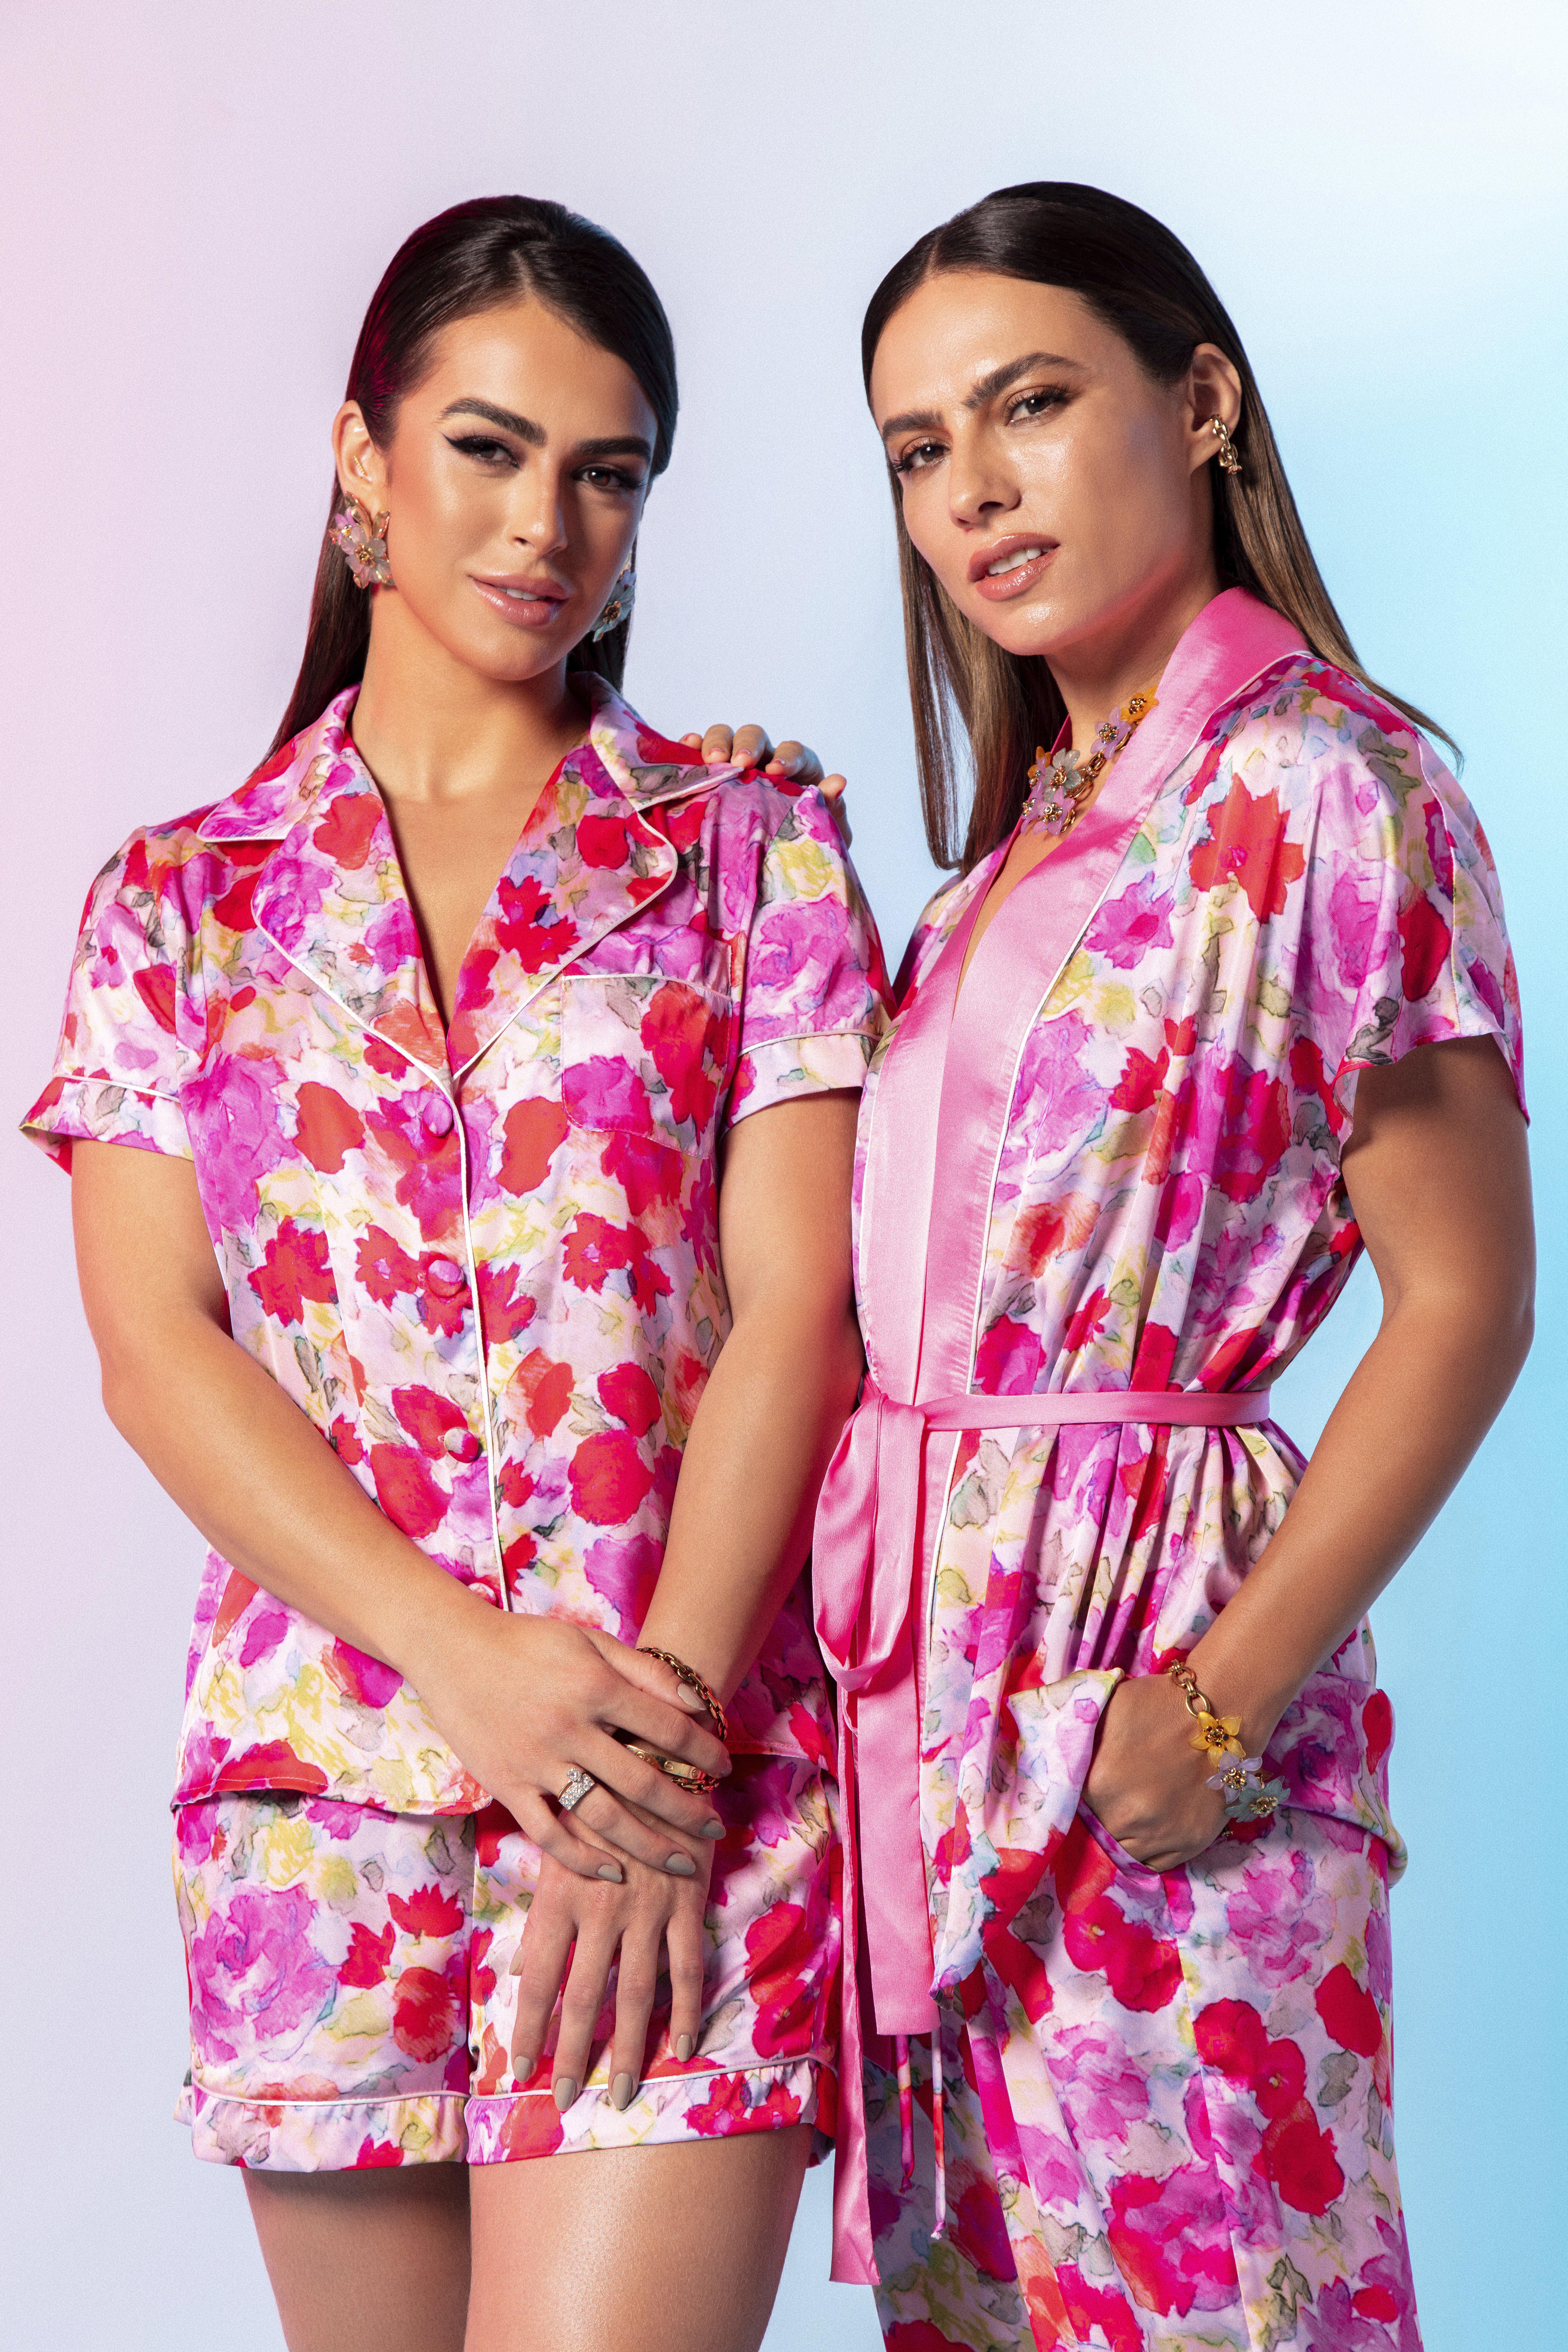 Mari Saad e Patricia Bonaldi posam lado a lado em pijamas rosados com florais.